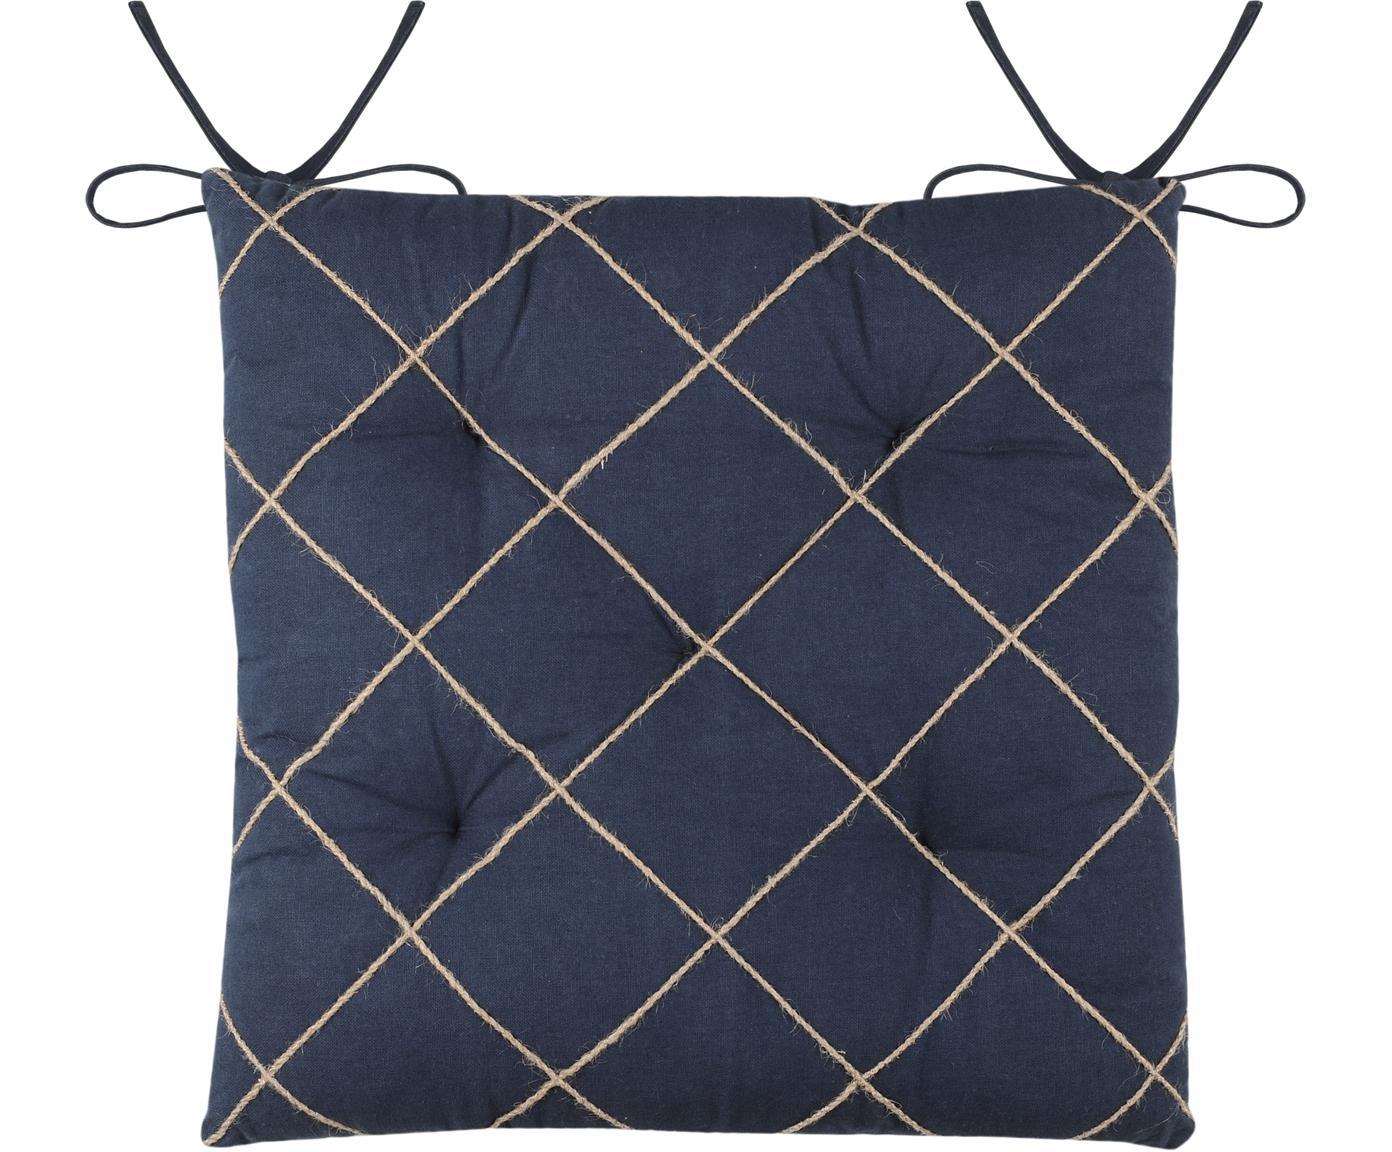 Cojín de asiento texturizado Concarneau, 100%algodón, Azul oscuro, An 40 x L 40 cm